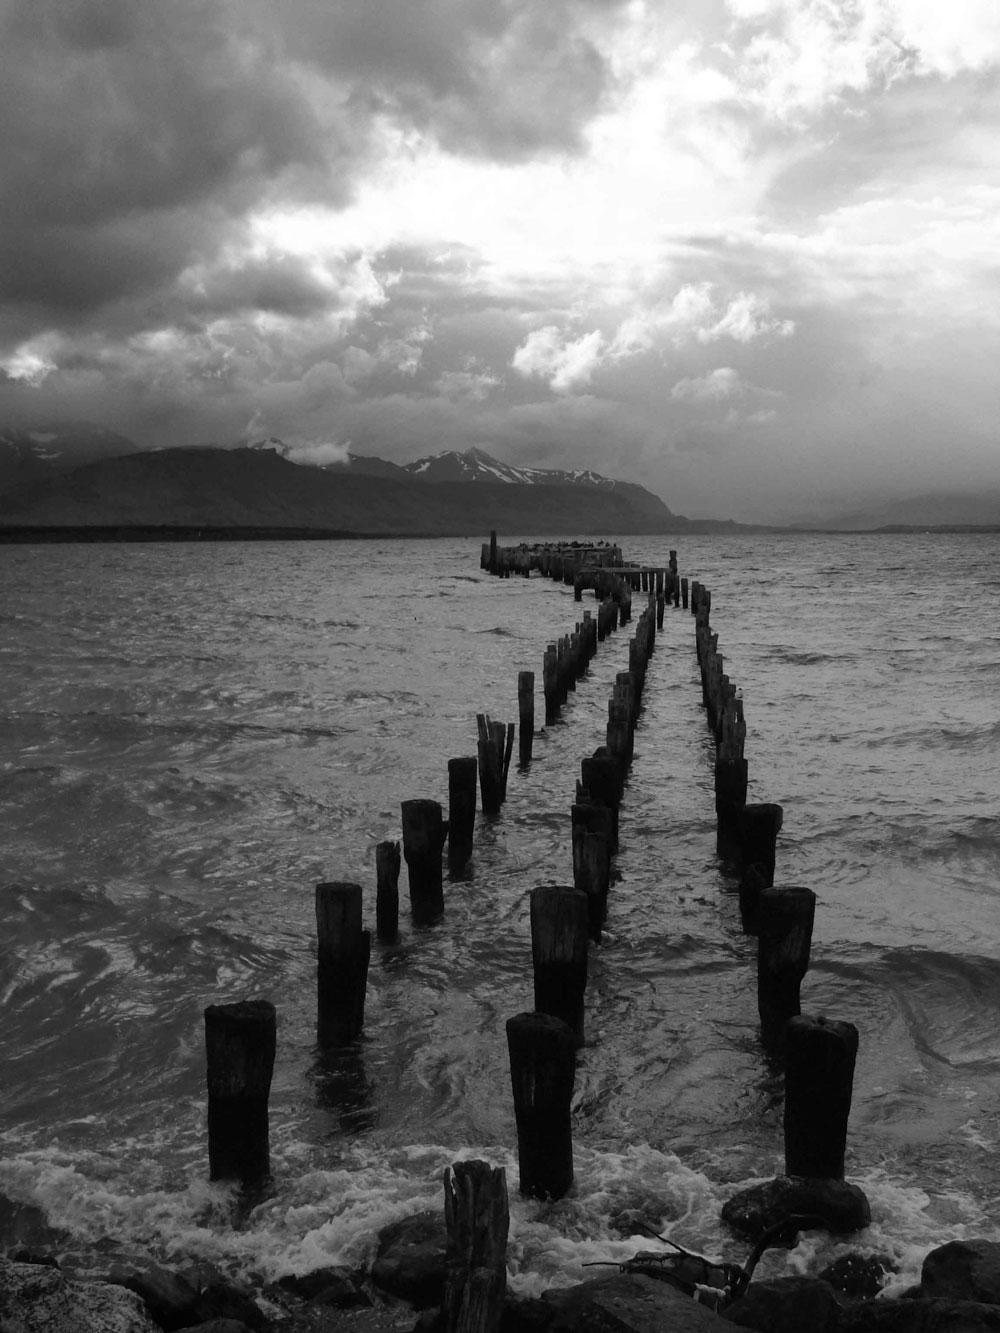 00052007-Chili-Puerto-Natales.jpg